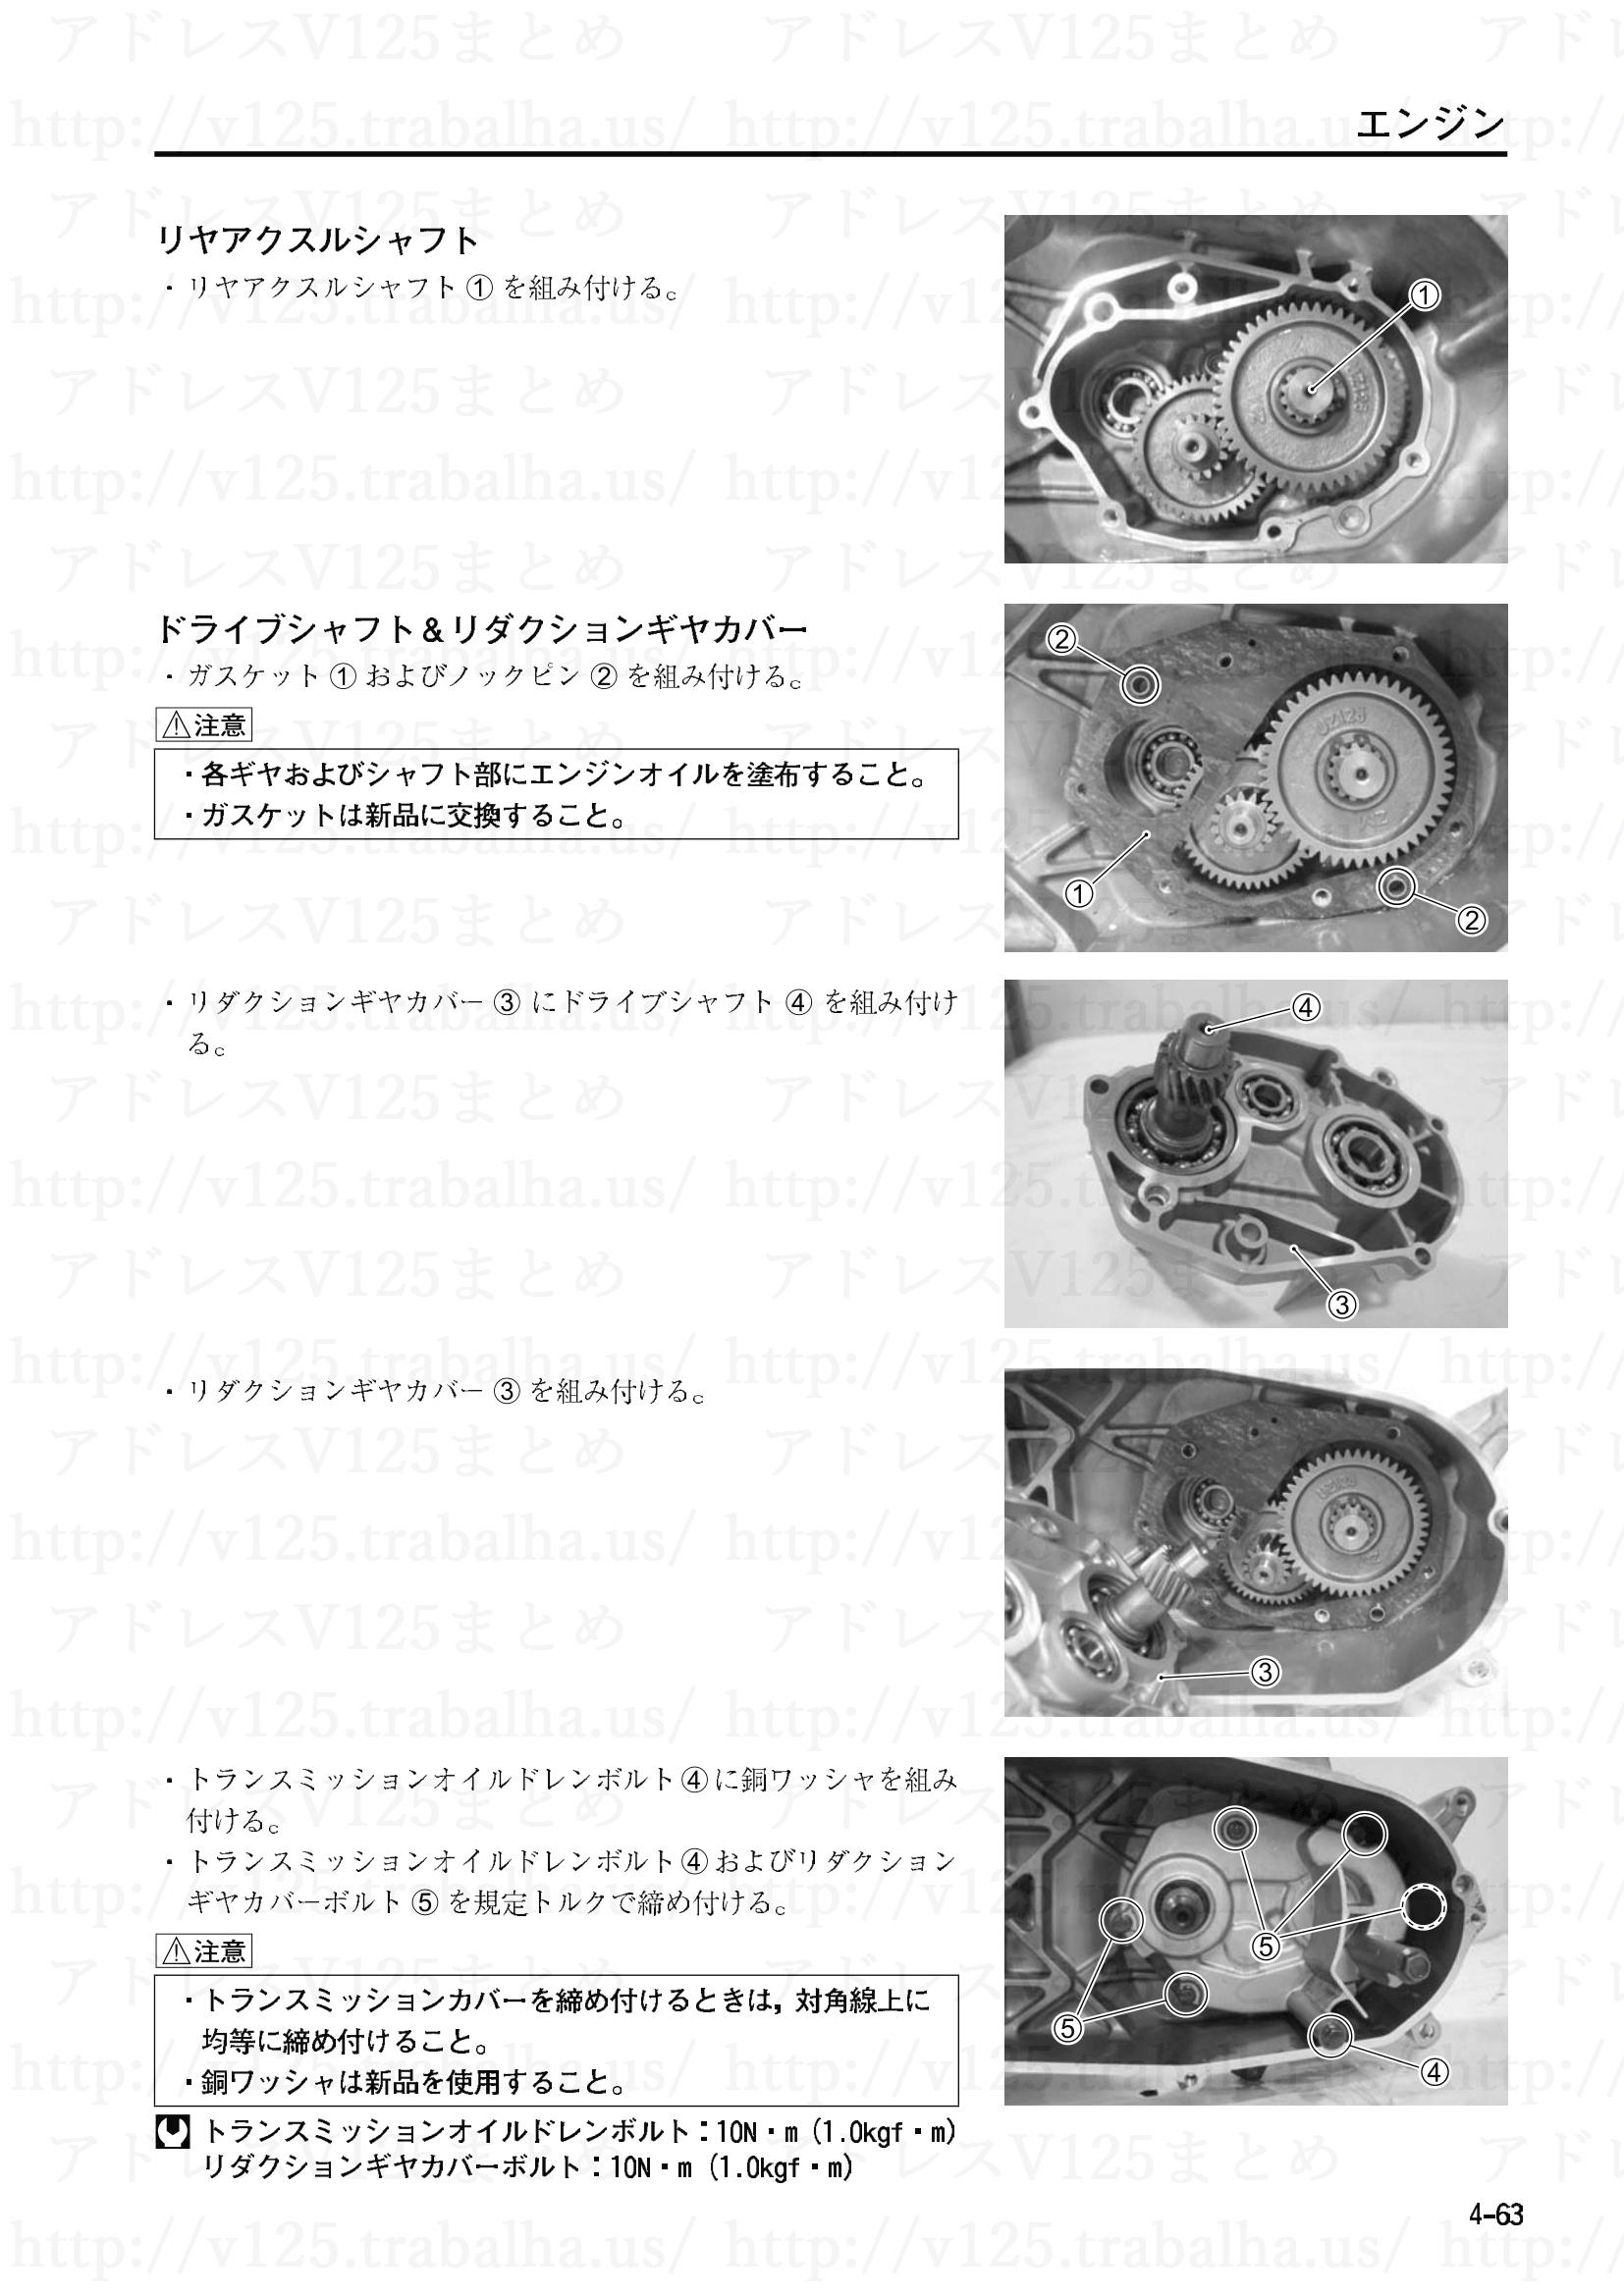 4-63【エンジン】エンジンの組立て7